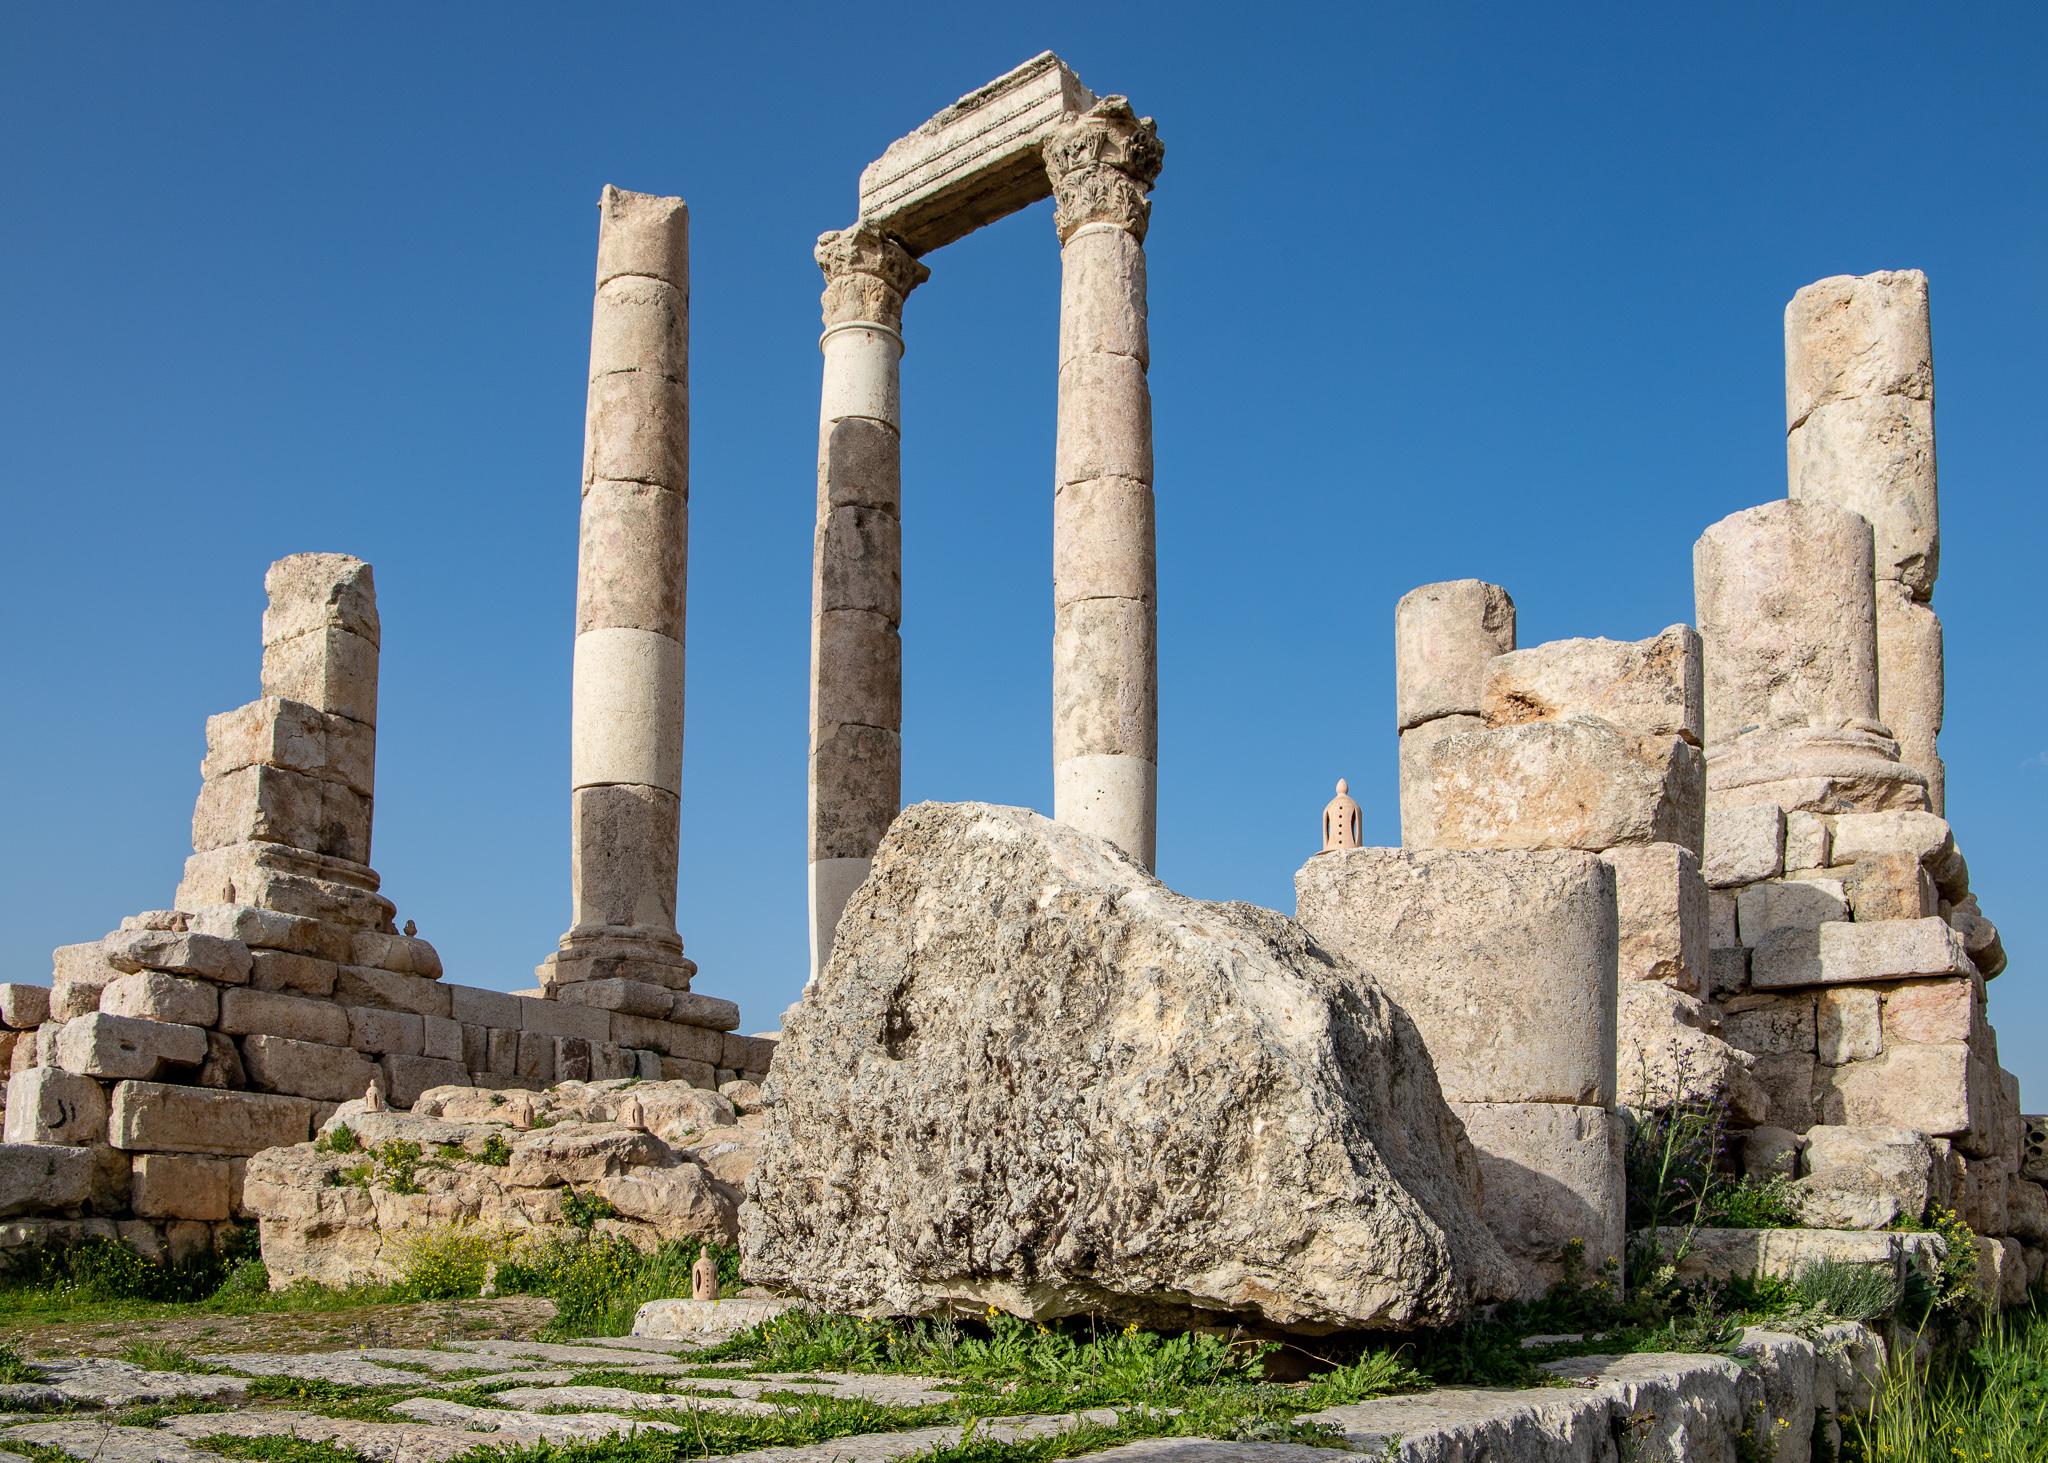 The Pillar of Hercules